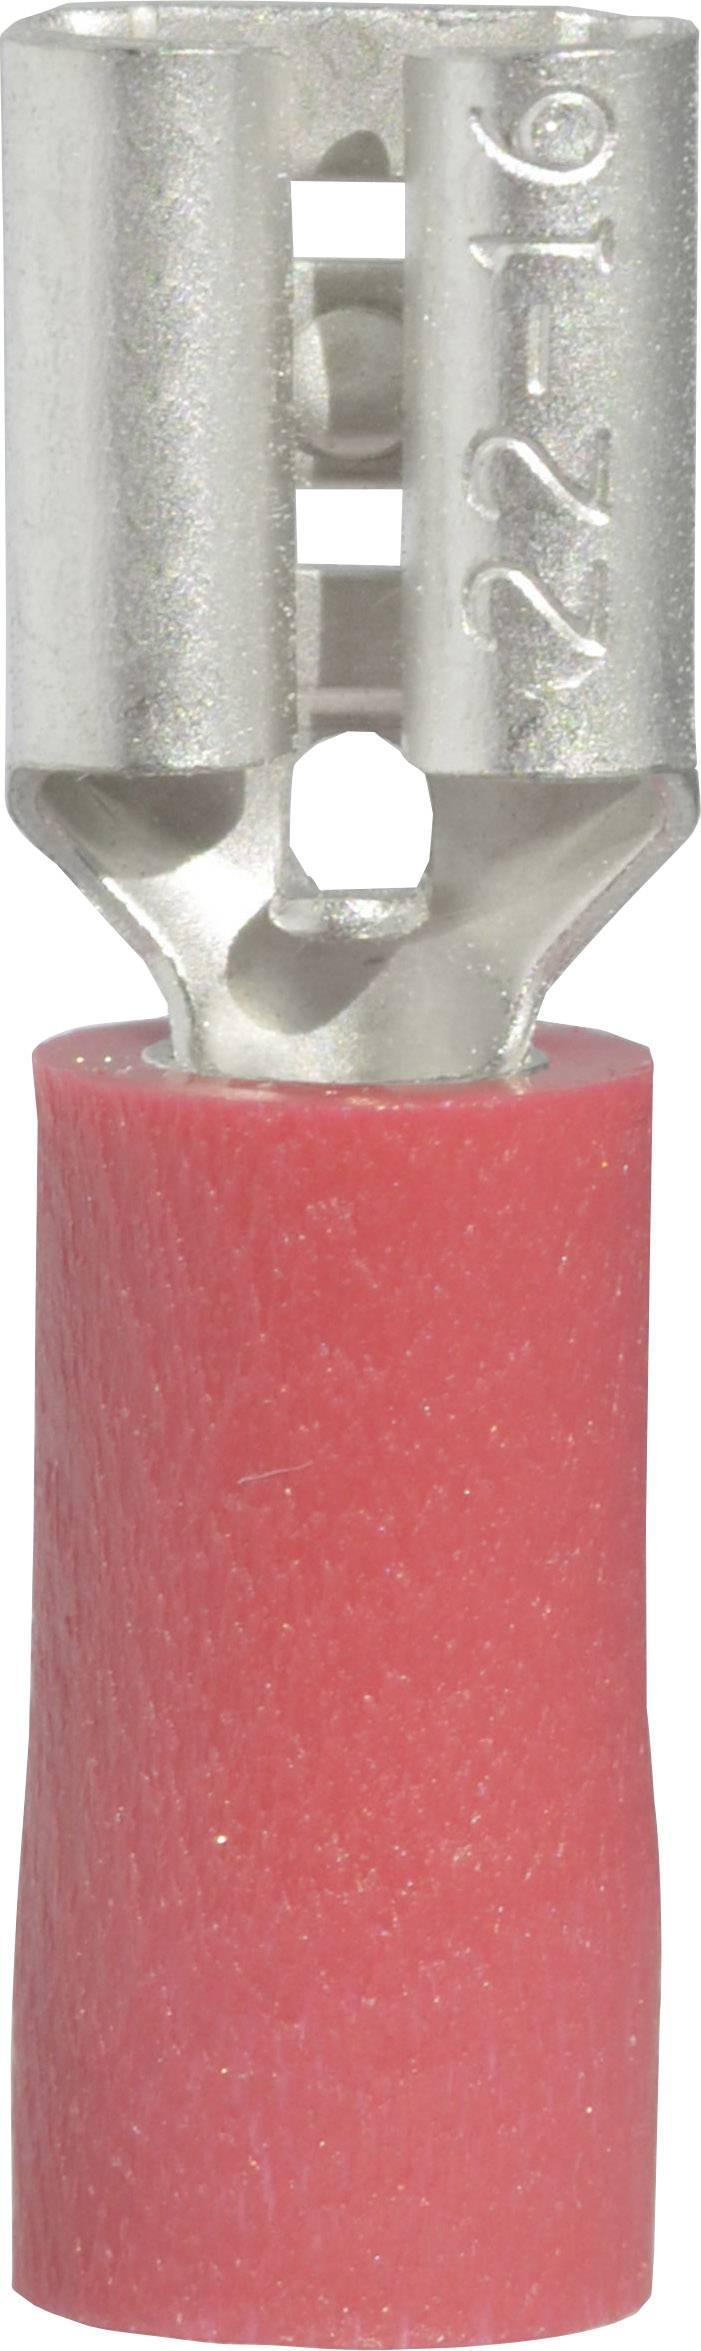 Faston konektor zásuvka Vogt Verbindungstechnik 3902S 4.8 mm x 0.8 mm, 180 °, čiastočne izolované, červená, 1 ks